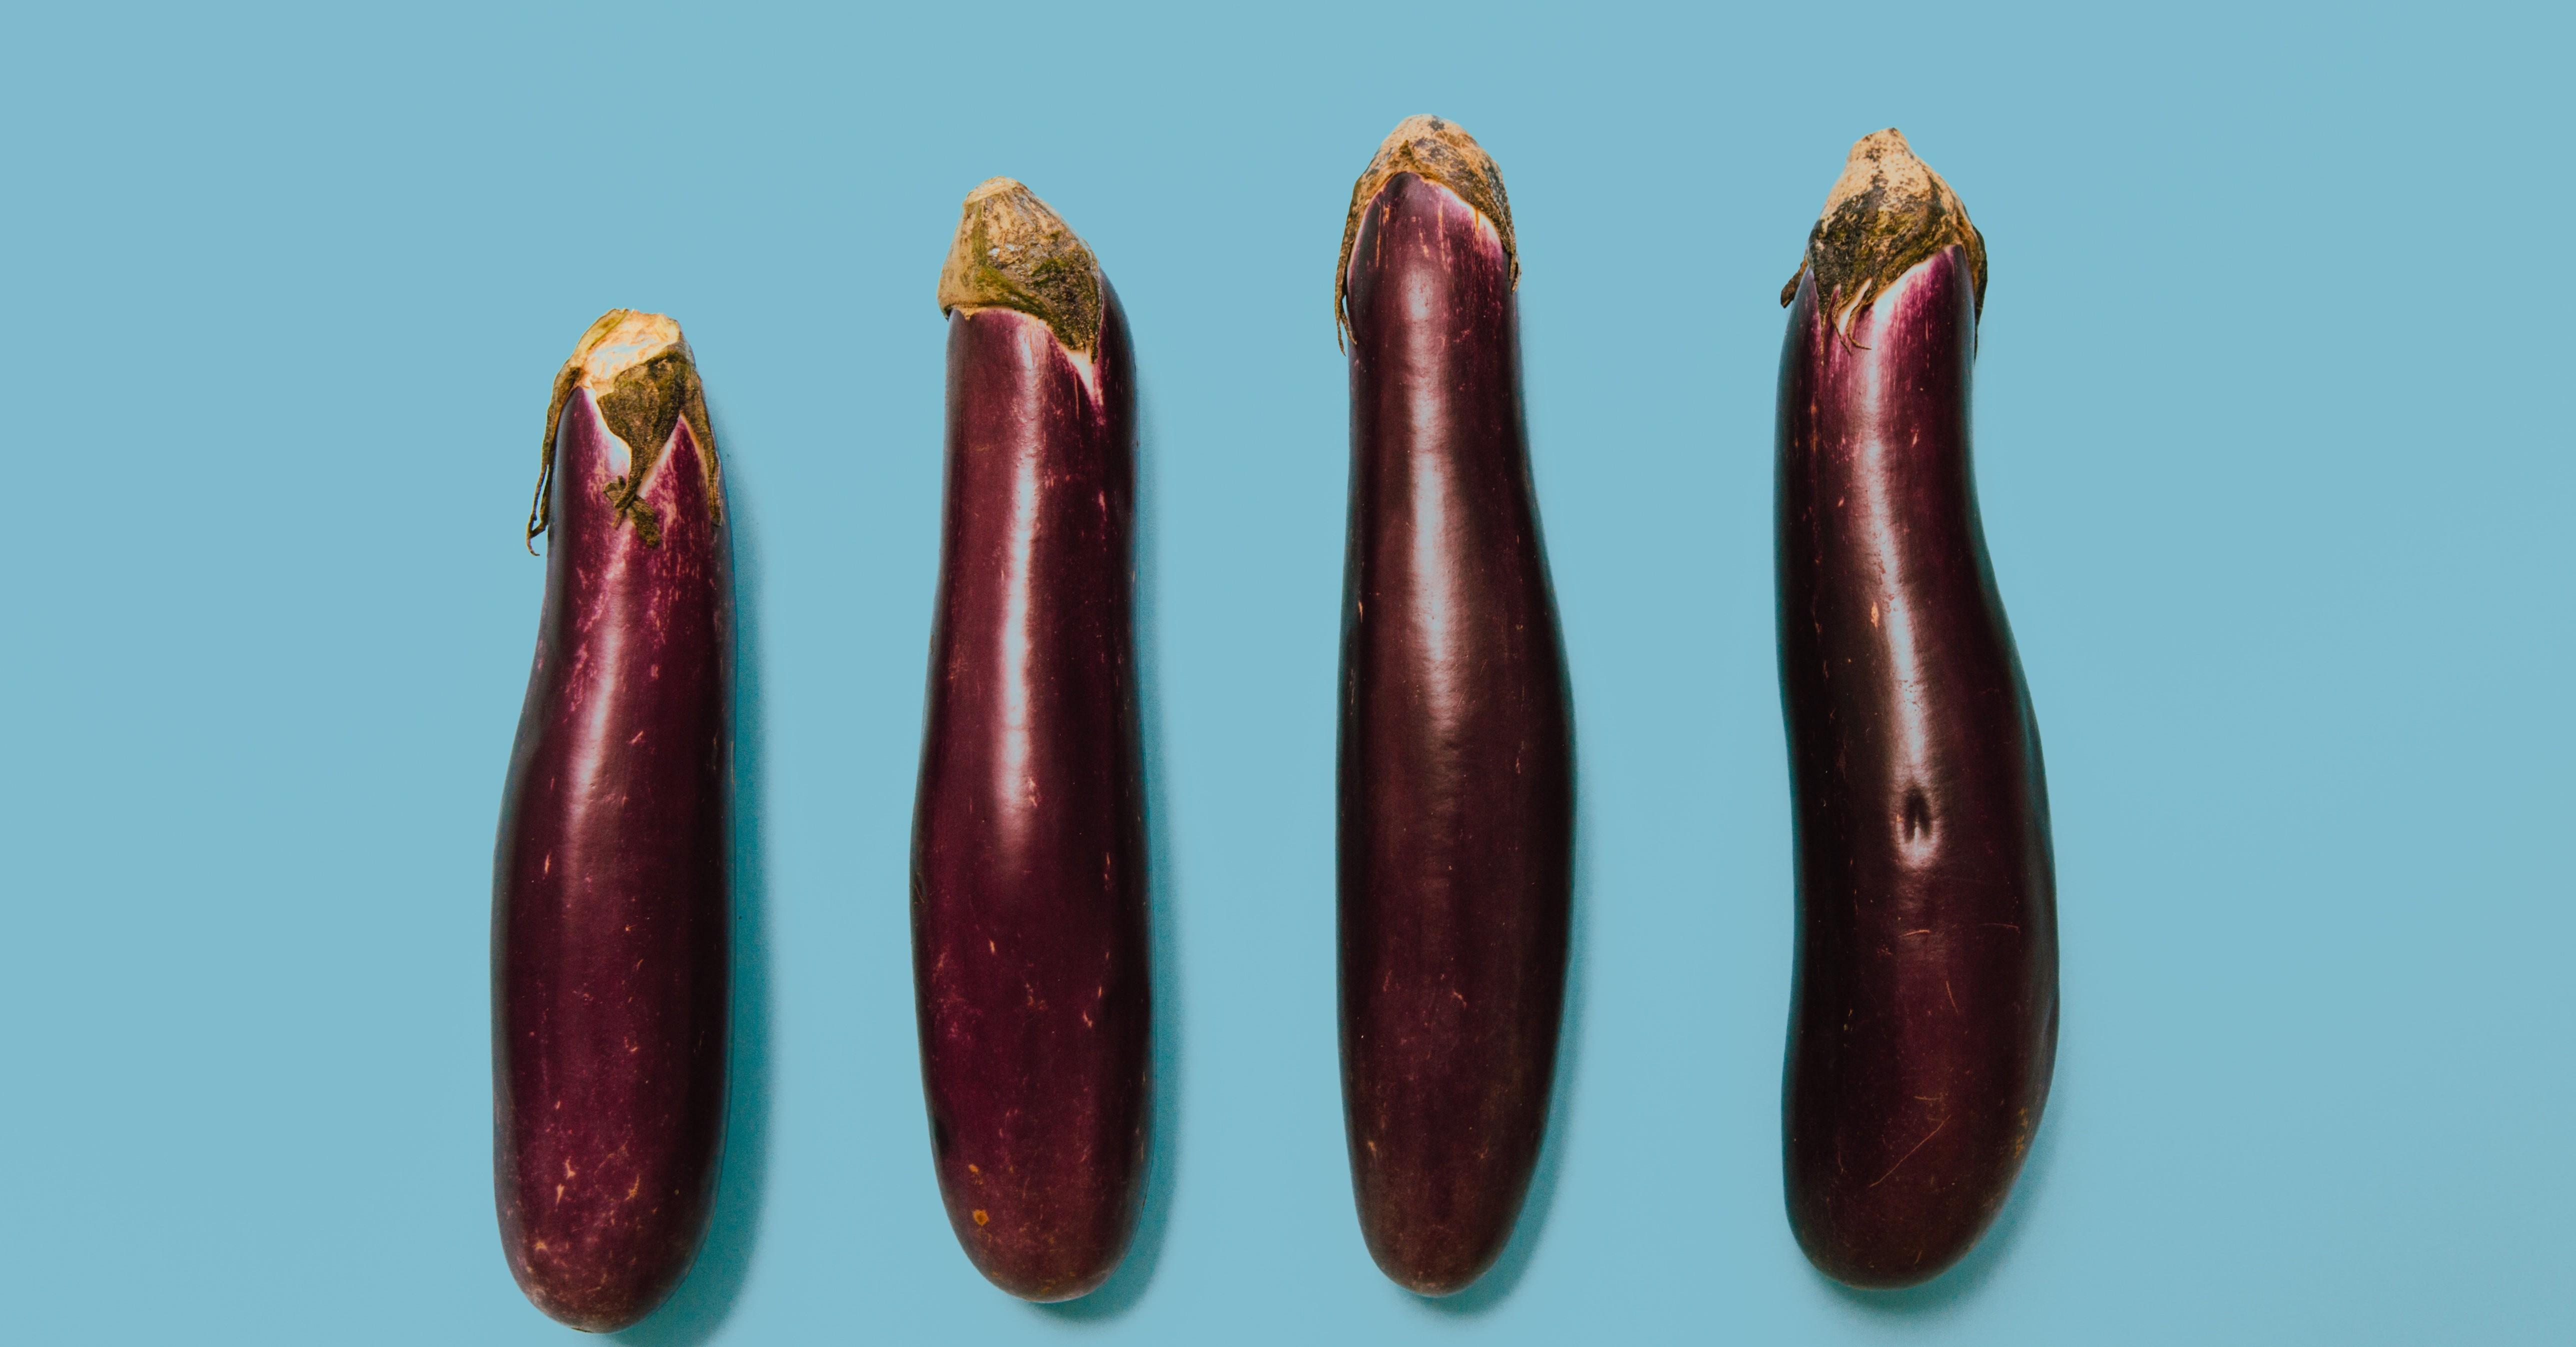 în timpul unei erecții, penisul este curbat cum să calmezi erecția penisului